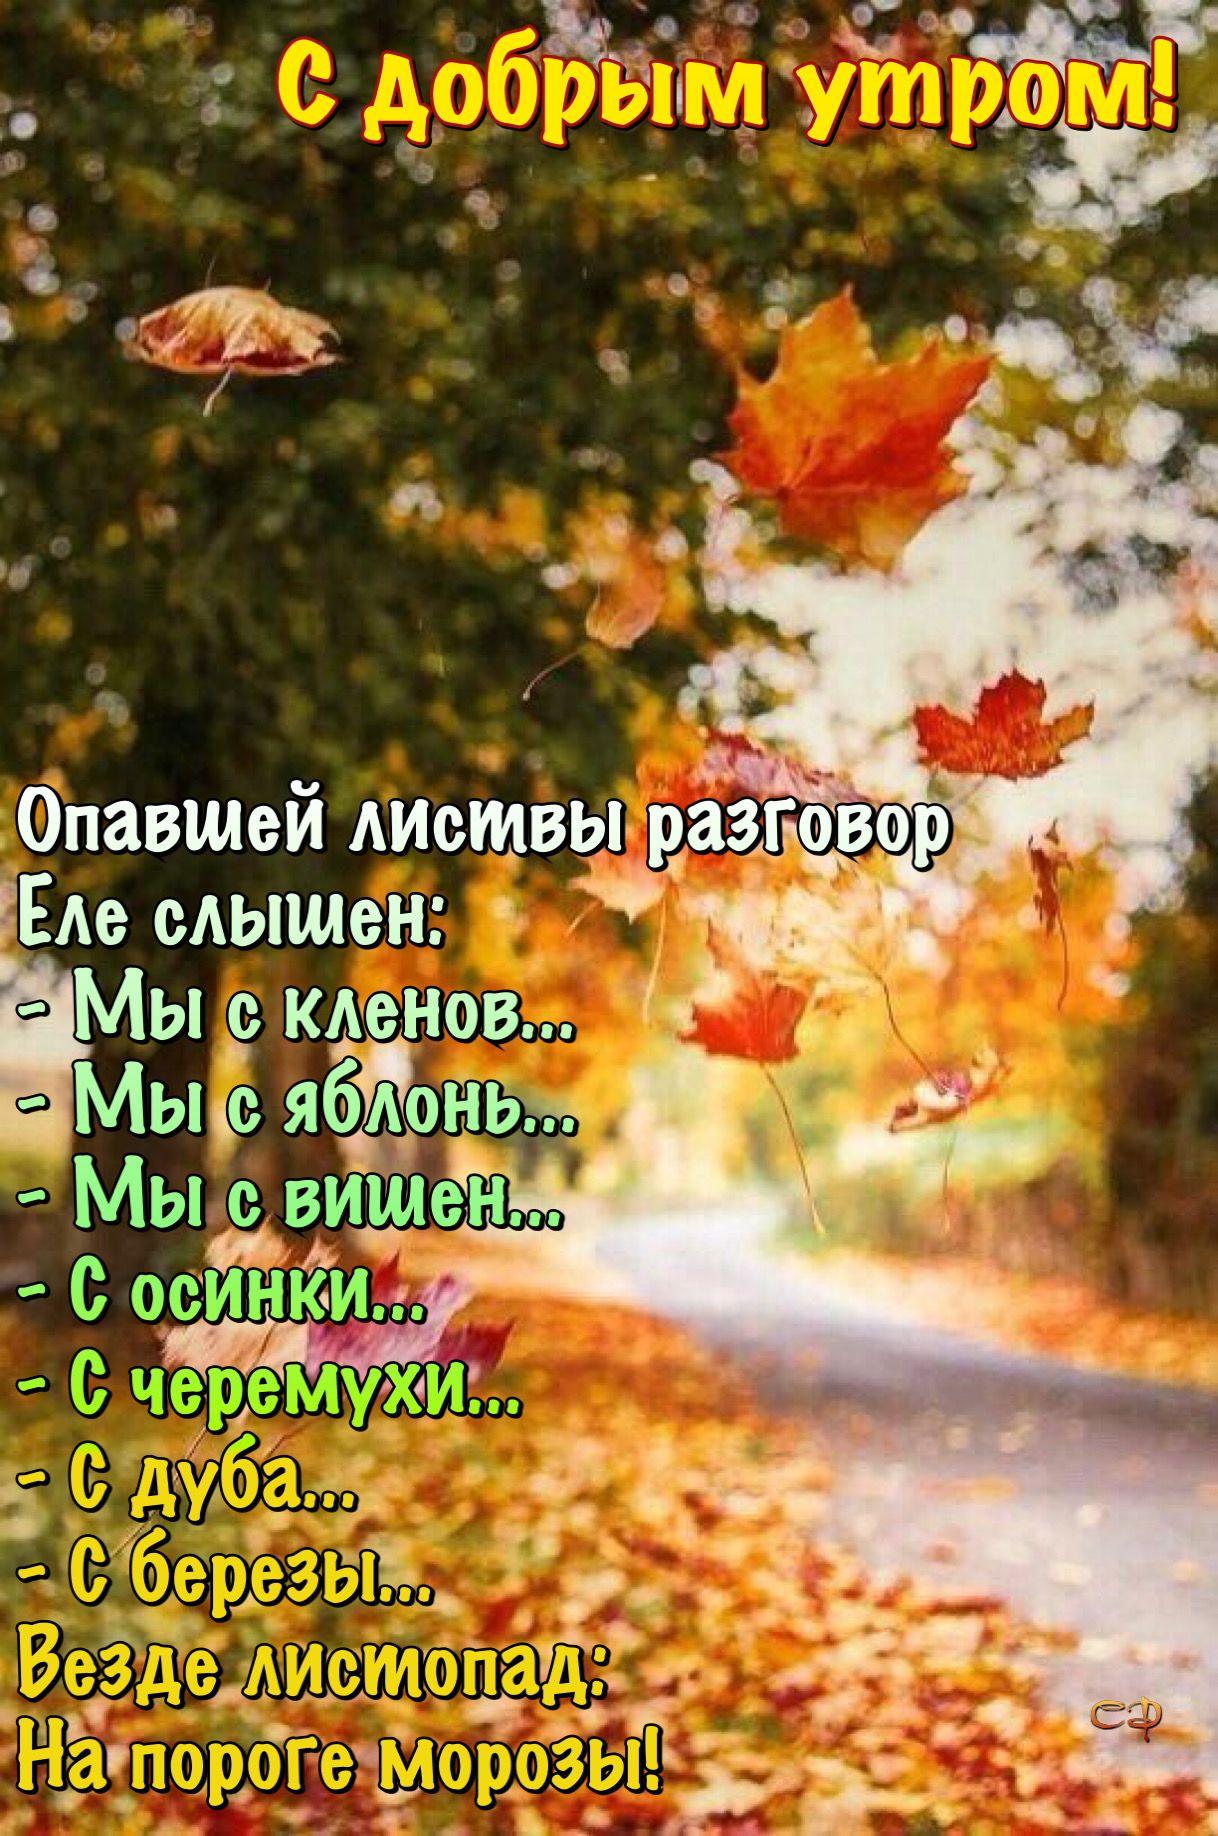 Pin Ot Polzovatelya Natalia Na Doske Otkrytki Dobroe Utro